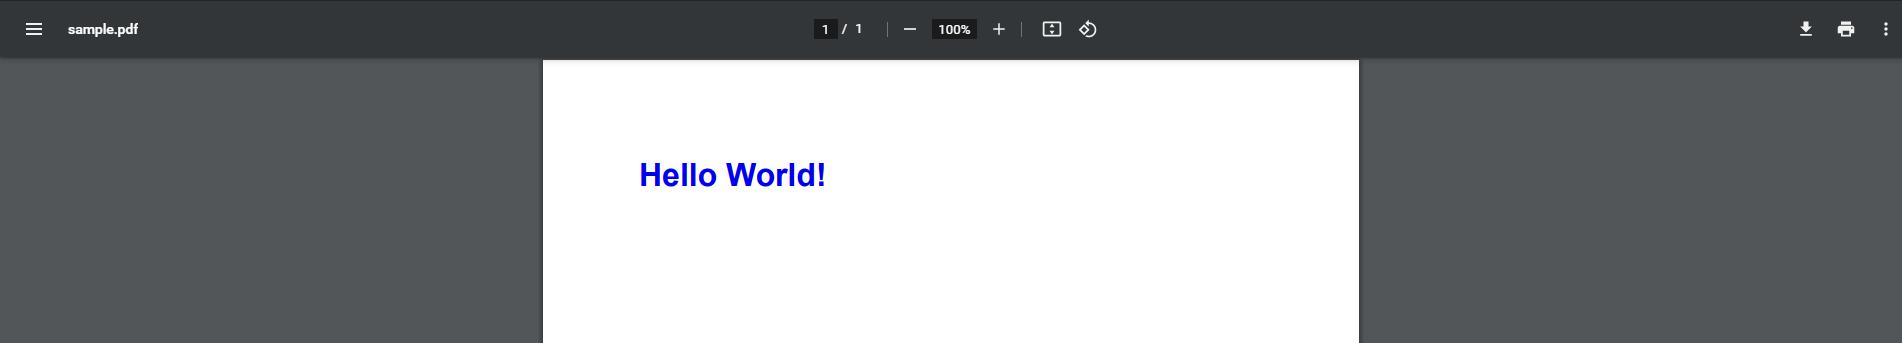 Screenshot of Sample PDF